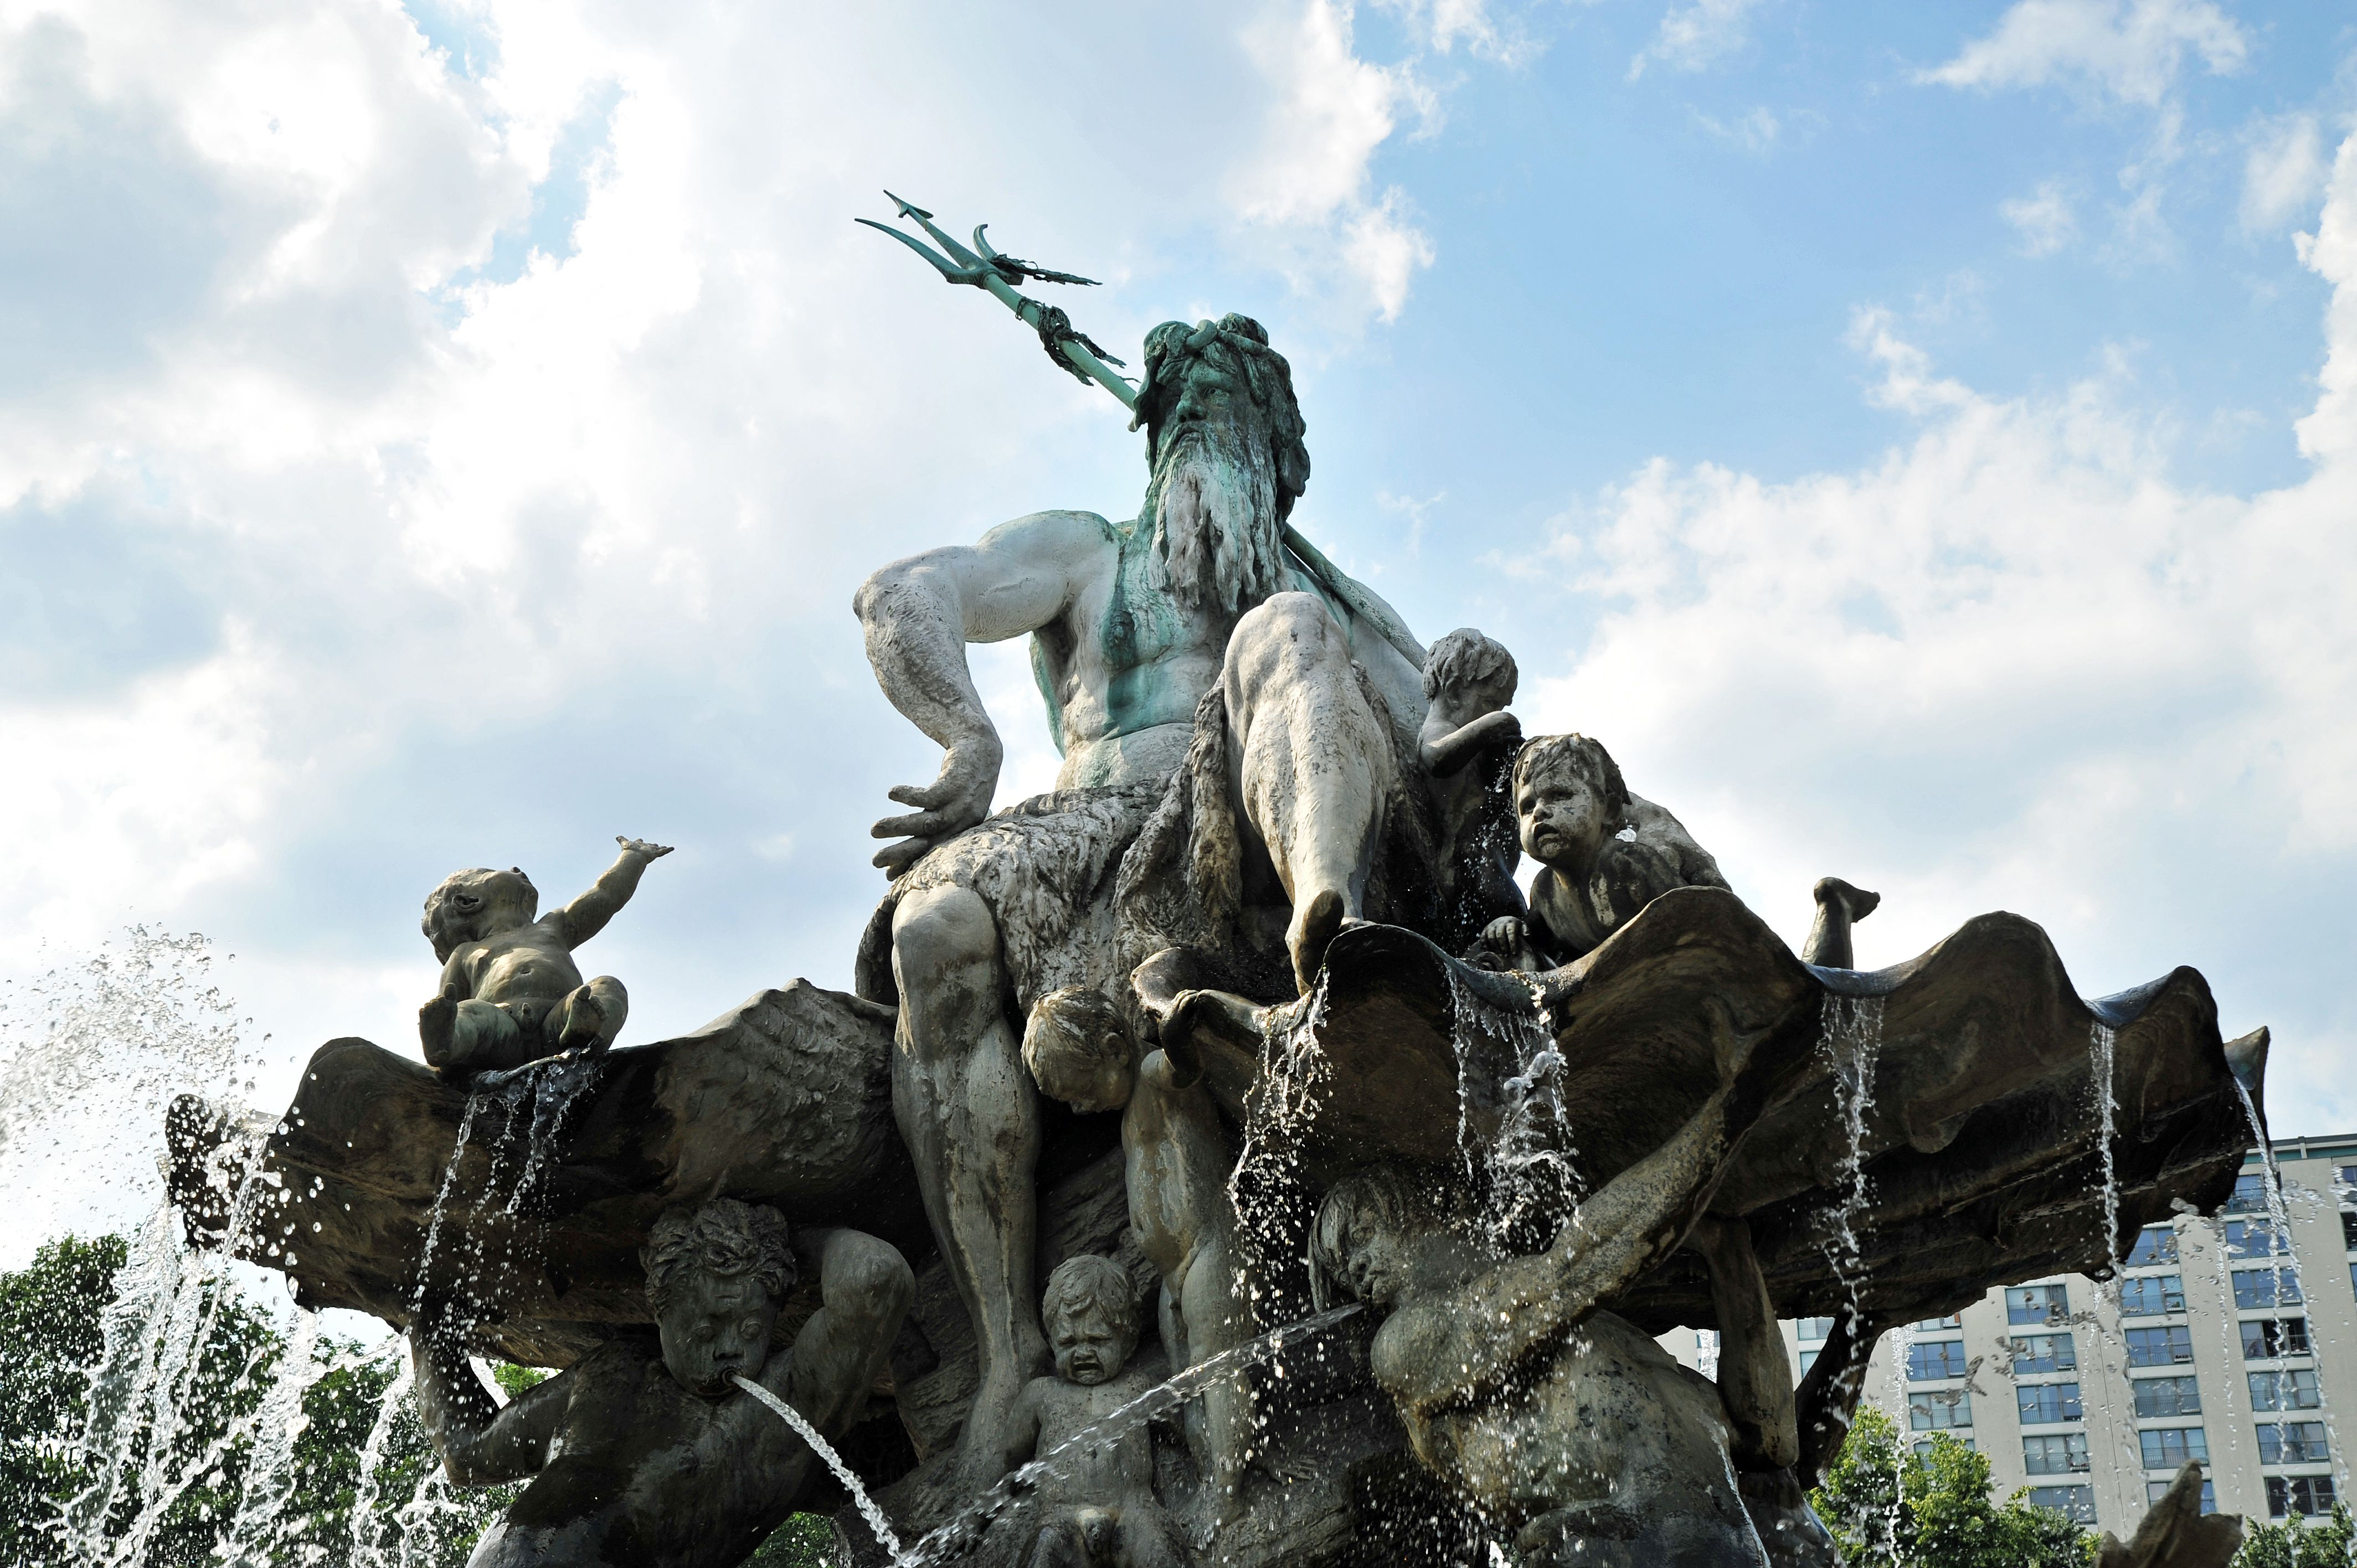 Poseidonbrunnen in Berlin